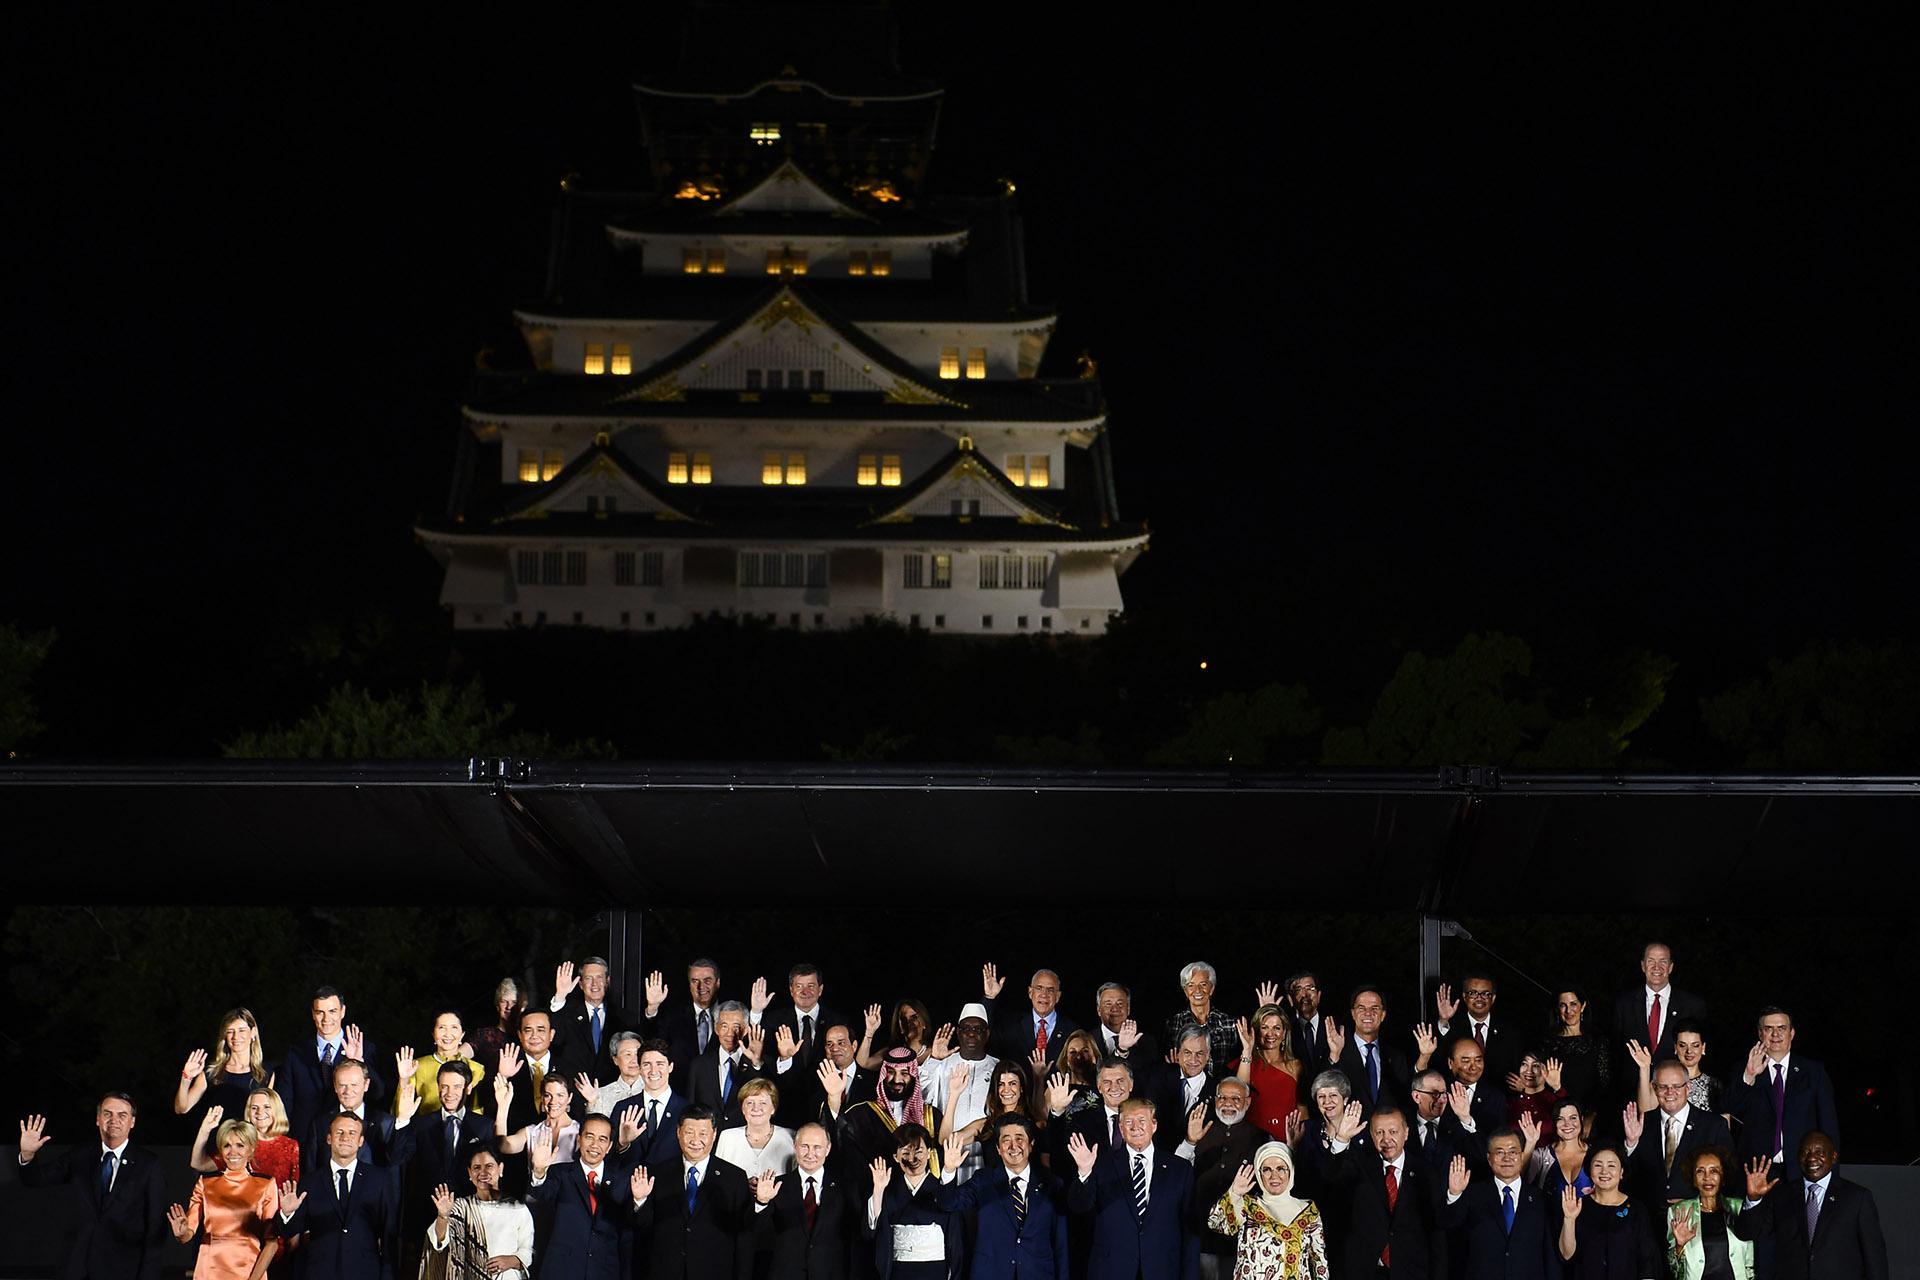 La noche previa a la Cumbre del G20, en Osaka, con todos los mandatariosmundiales